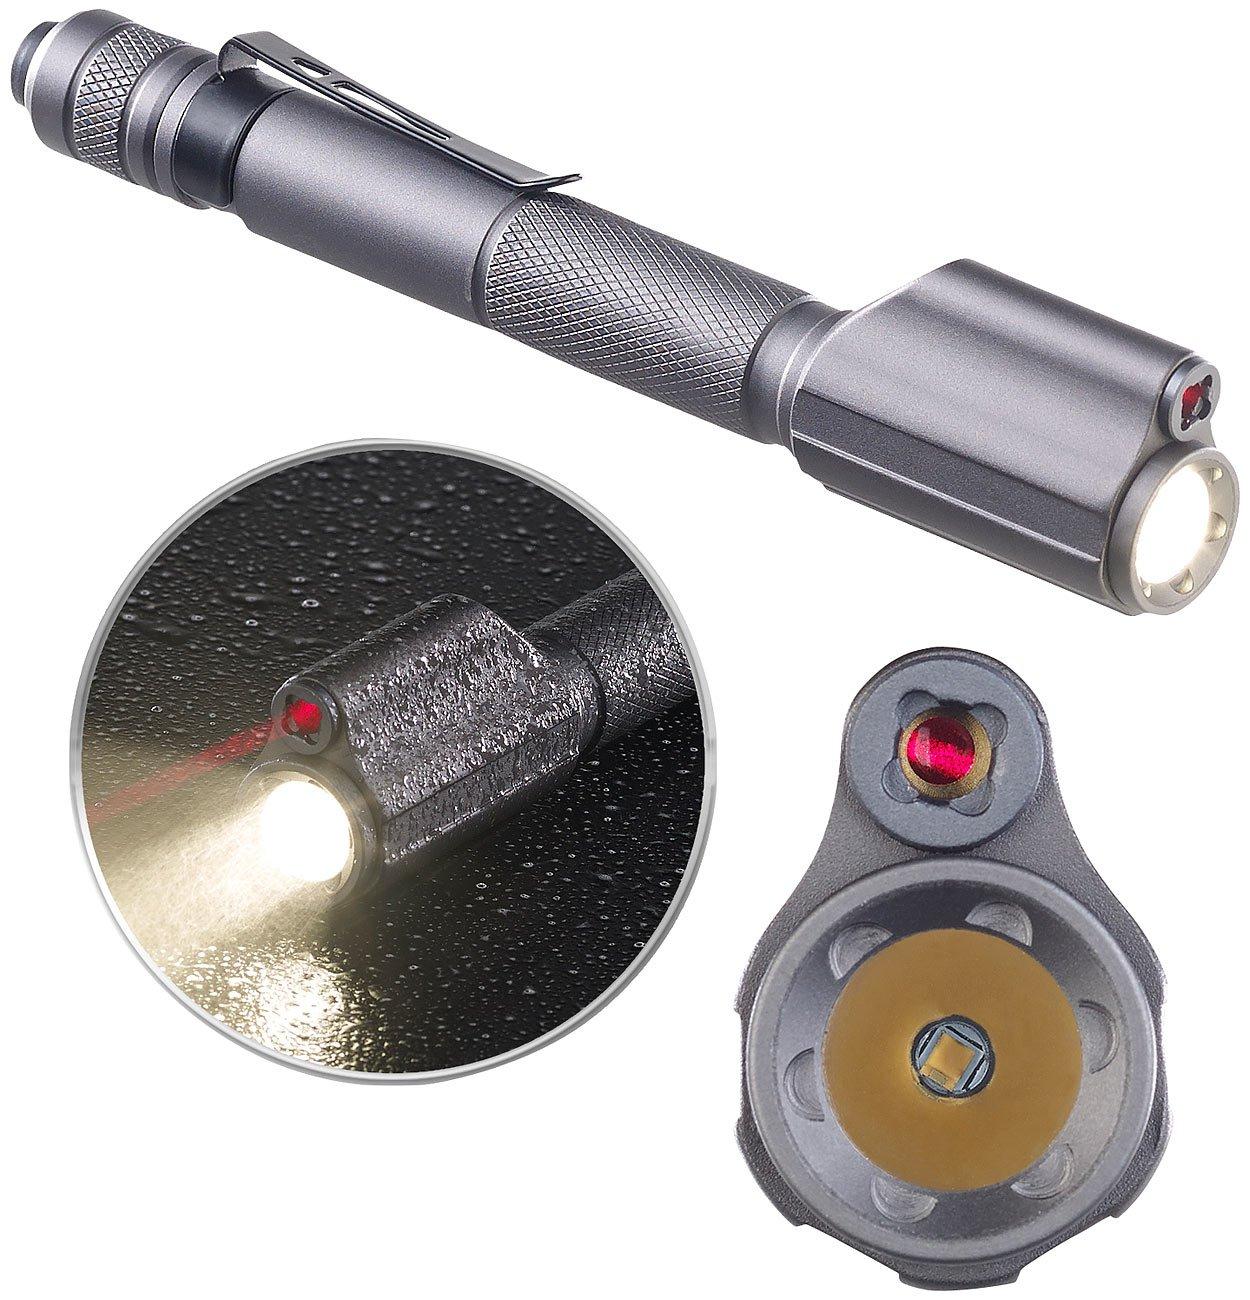 KryoLights Presenter: 2in1-Profi-Pen-Light, LED-Taschenlampe & Laser-Pointer, 110 lm, 3 W (Taschenlampe mit Laserpointer)